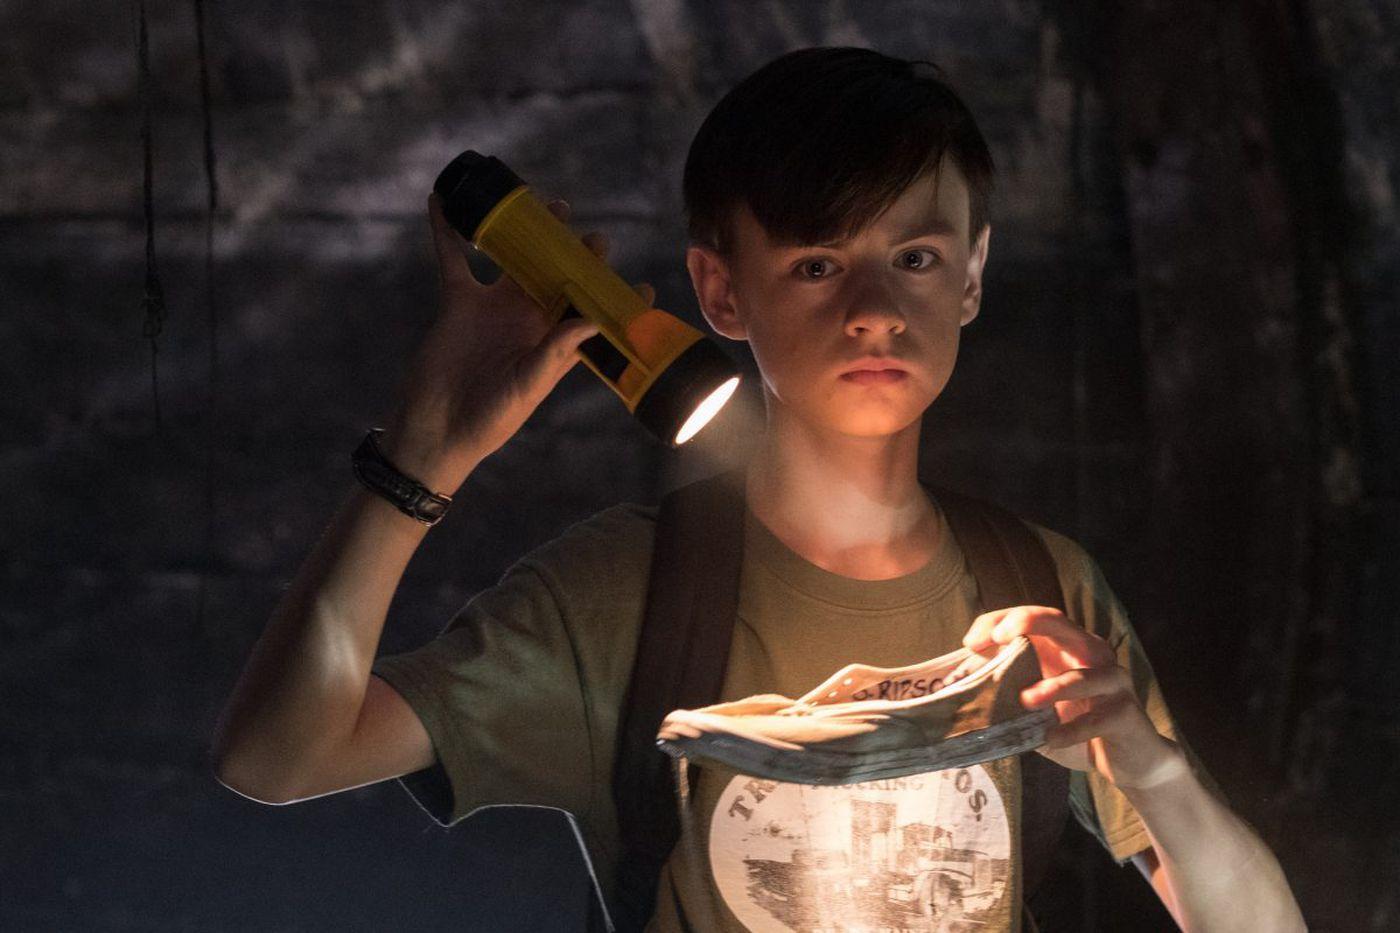 Philly native Jaeden Lieberher stars in killer clown movie 'It'